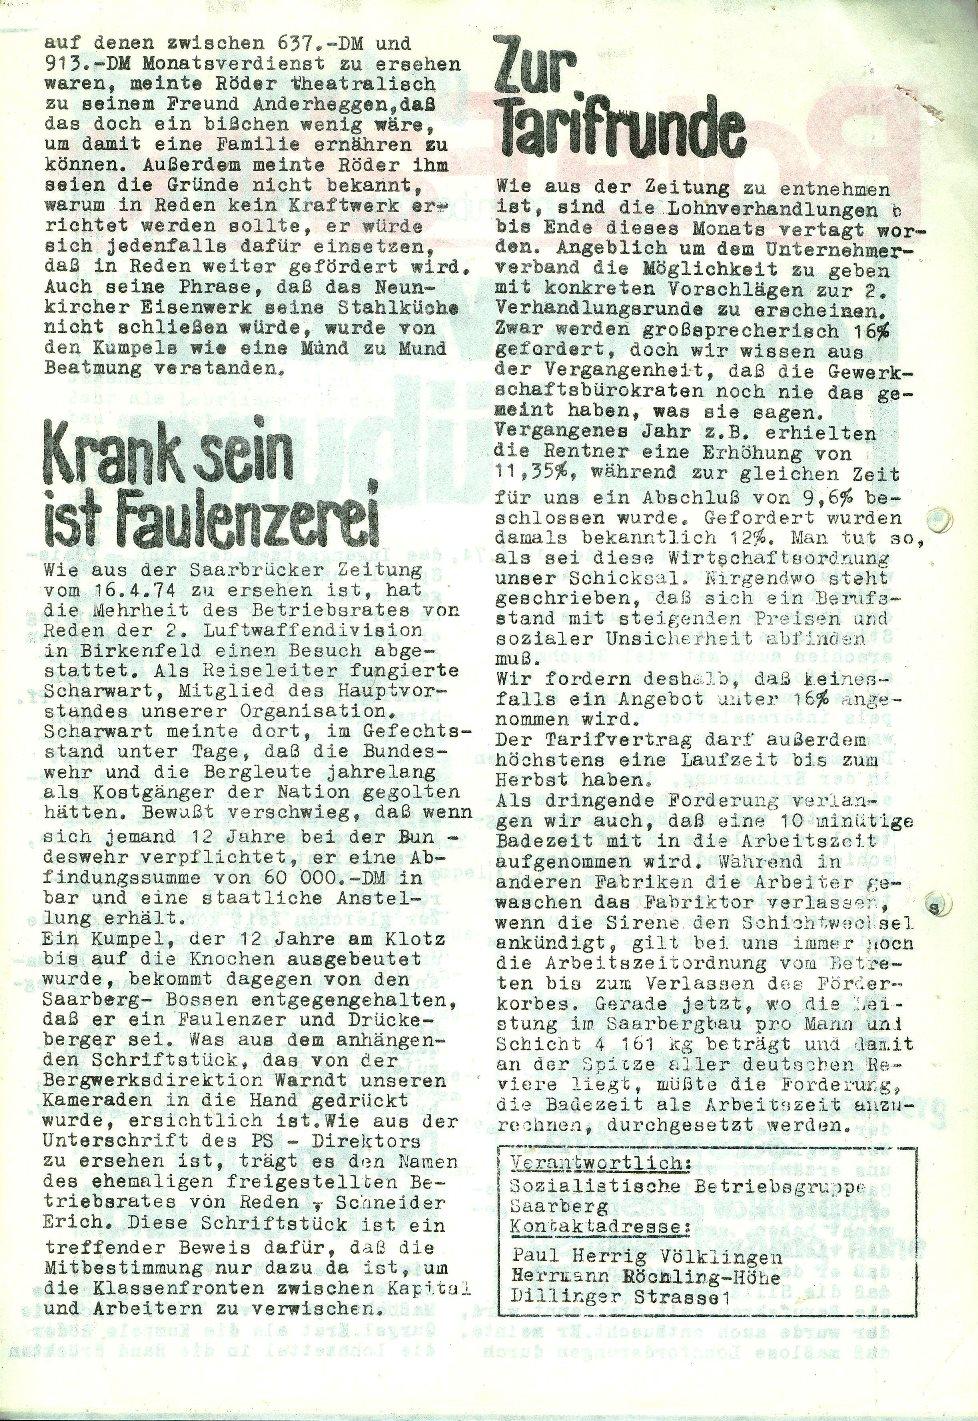 Saarbergbau042